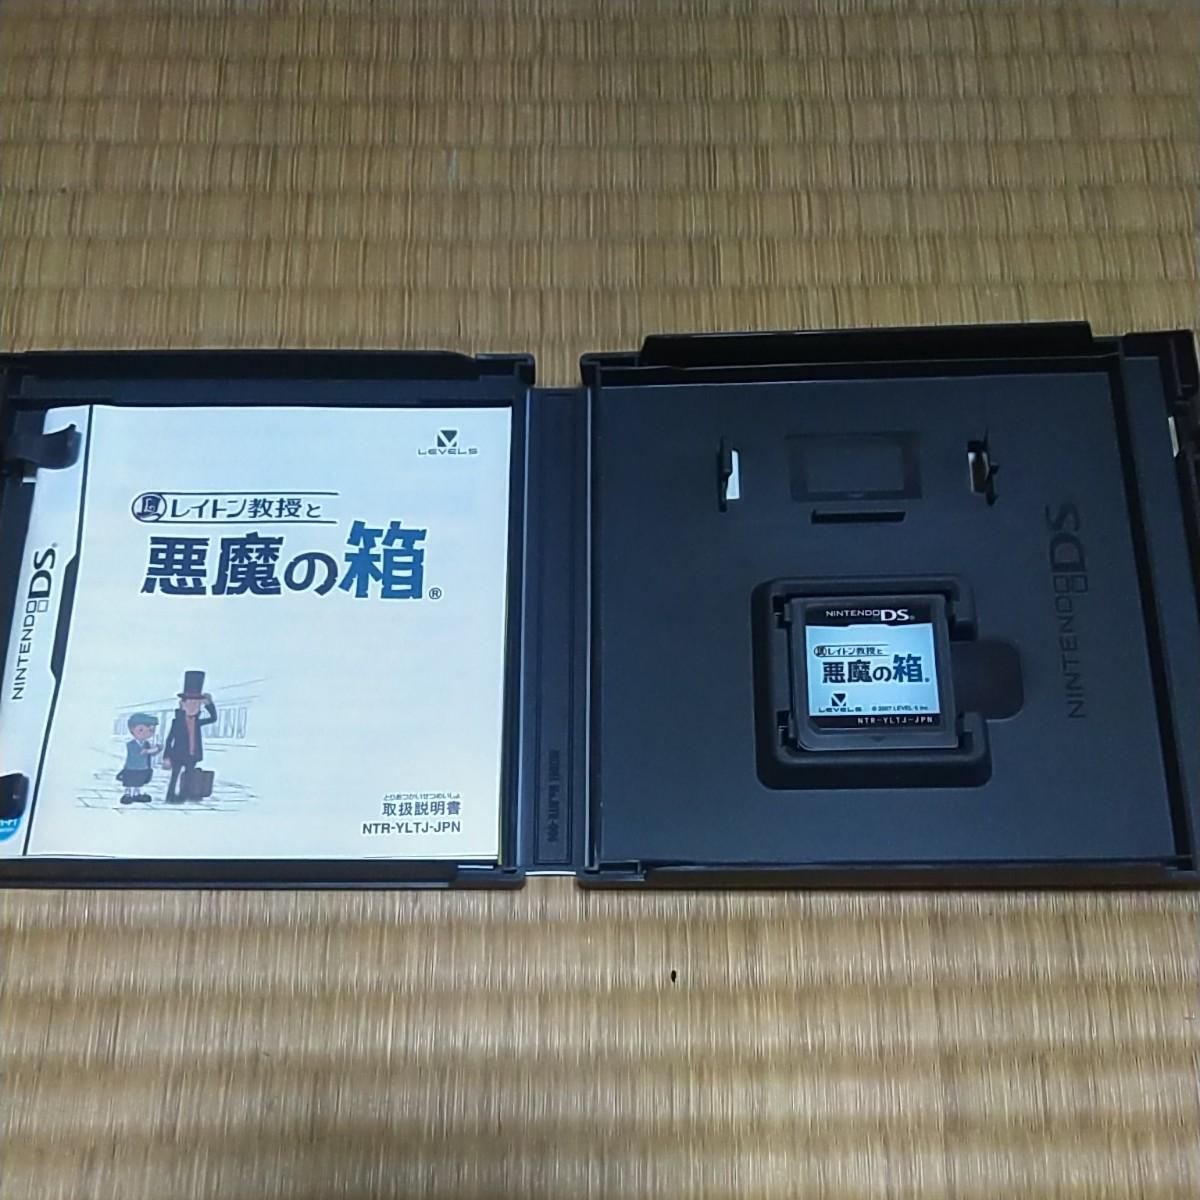 DSソフト レイトン教授と悪魔の箱、ドラゴン桜DS